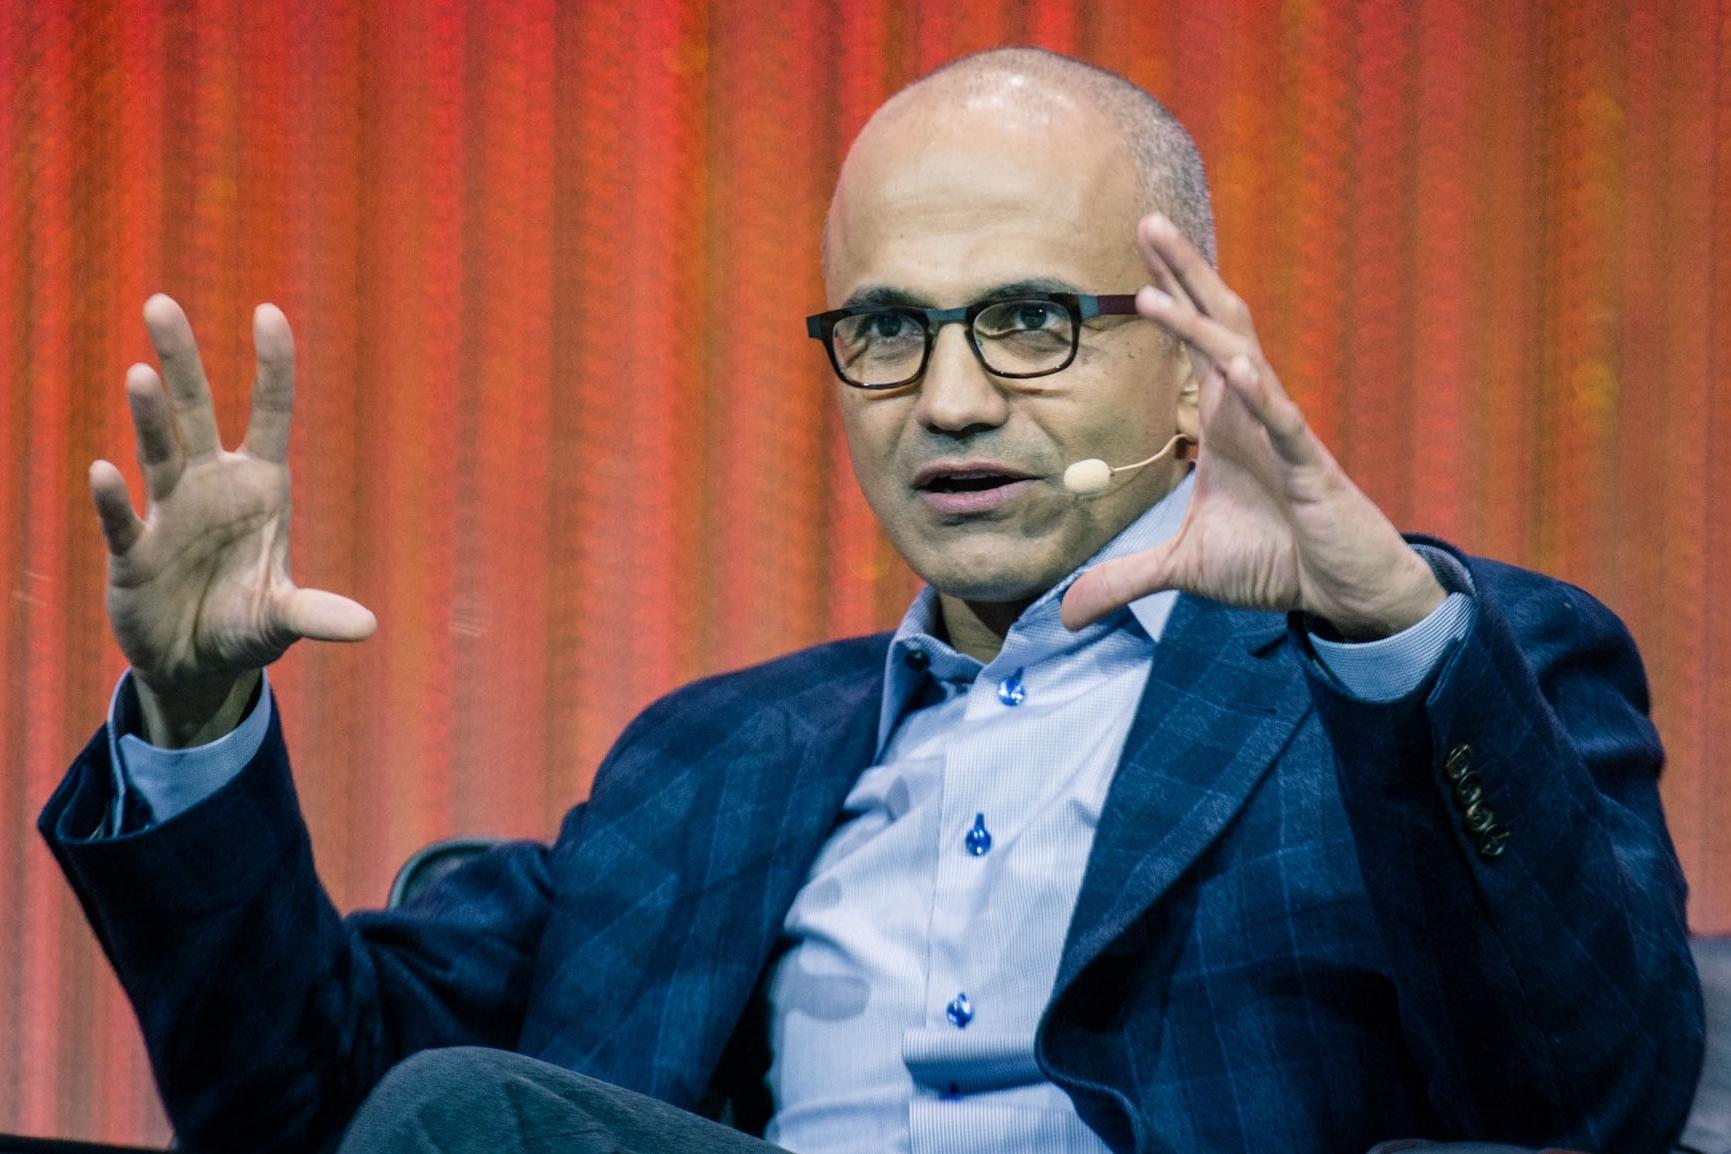 """Imagem de CEO da Microsoft a jornalistas com iPad: """"arrumem um computador de verdade"""" no tecmundo"""